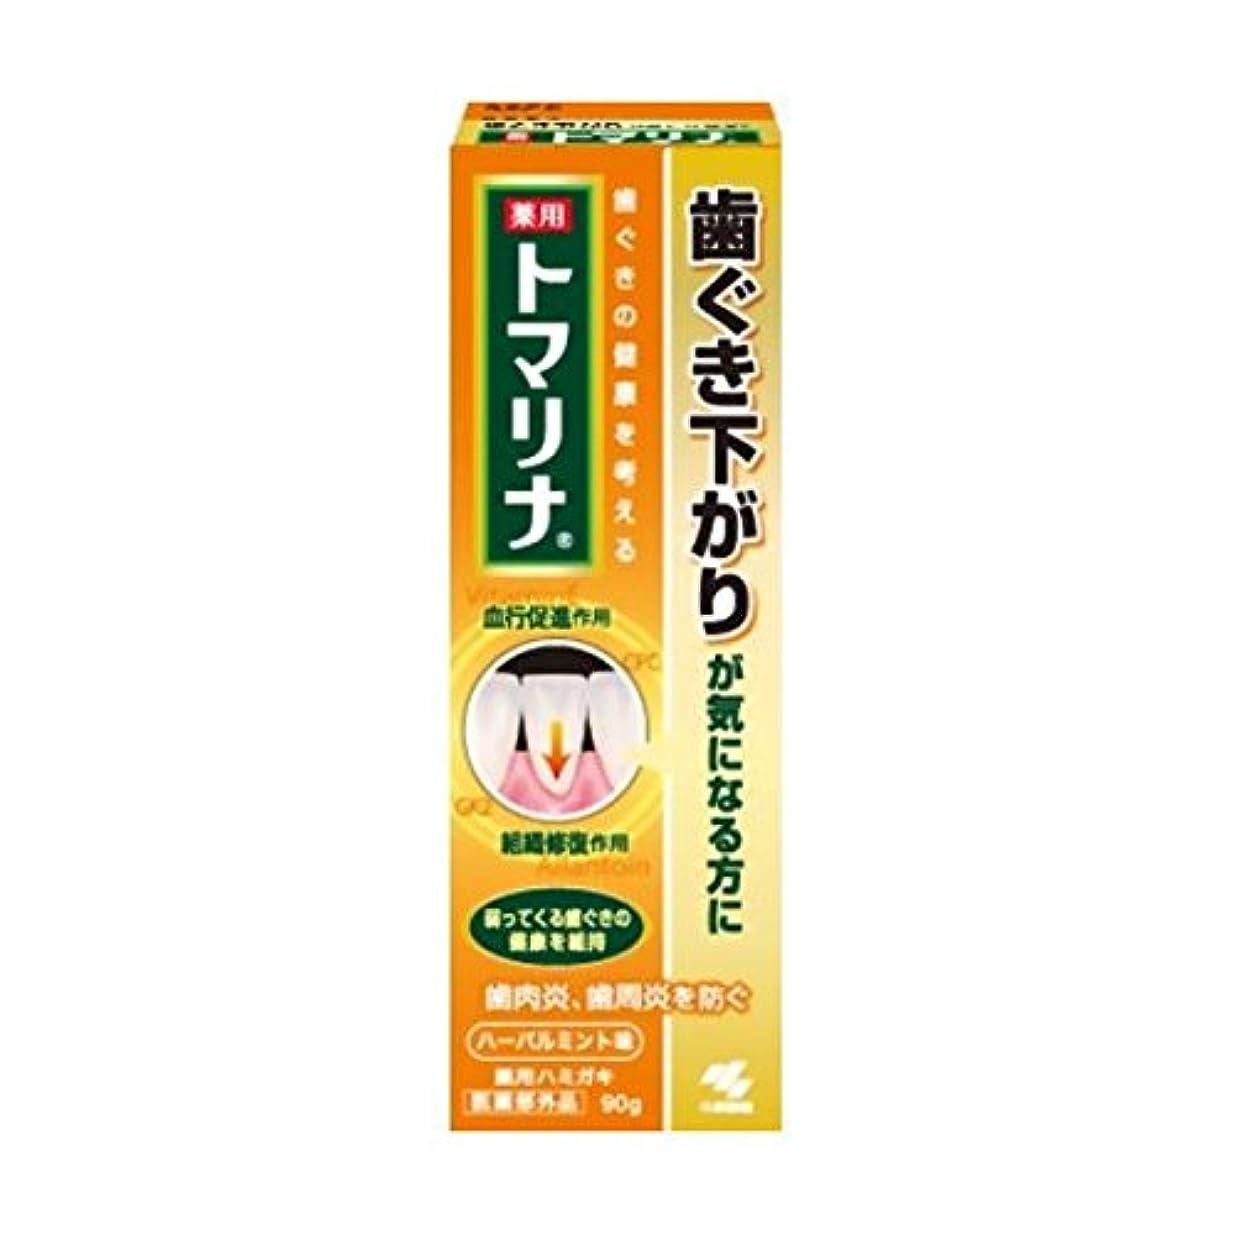 冷笑するもちろん気づく【お徳用 4 セット】 薬用トマリナ 90g×4セット